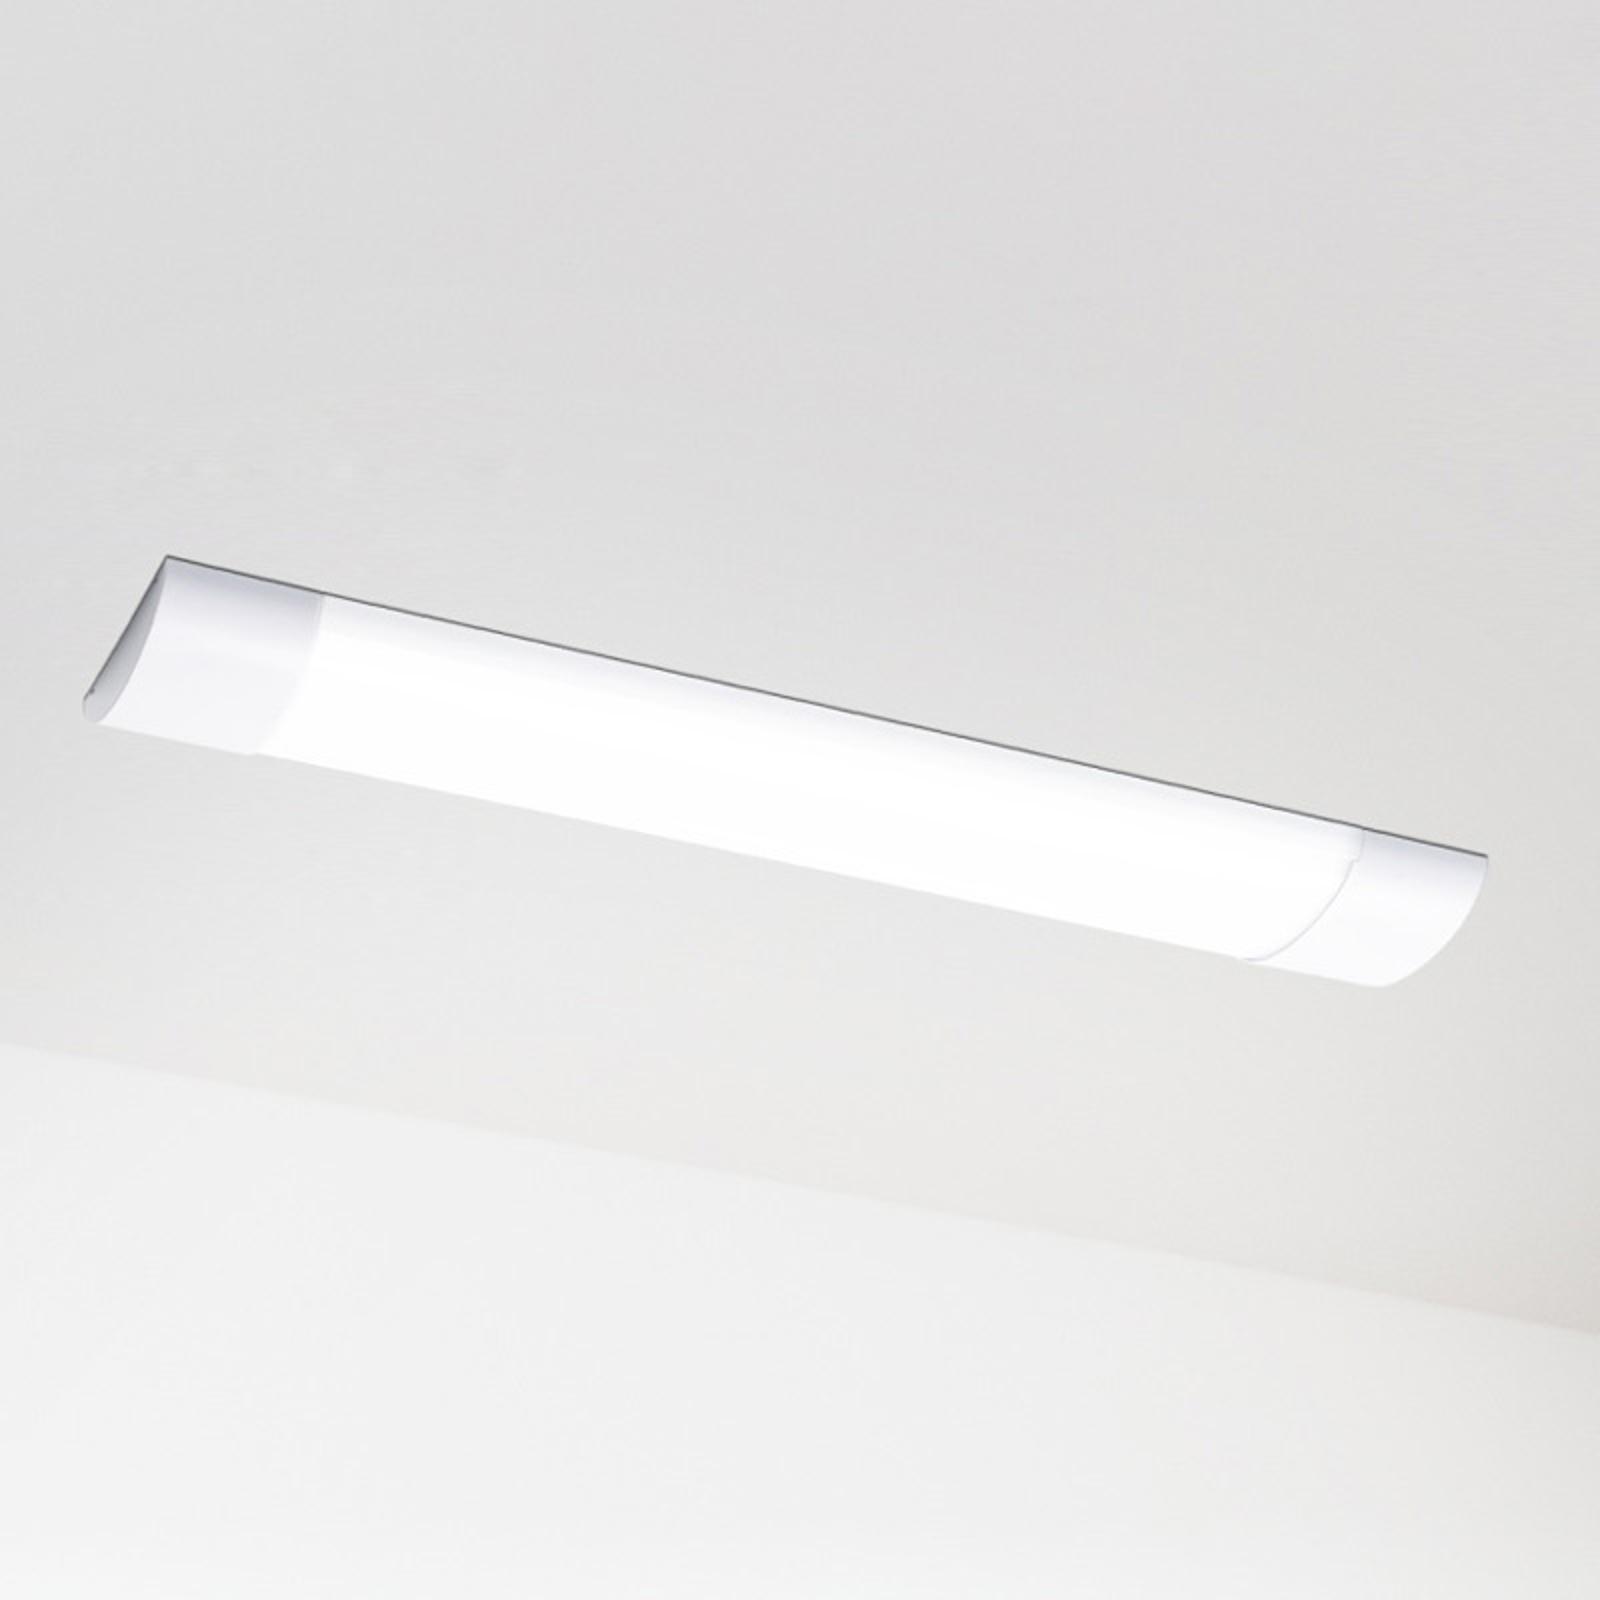 Lampa sufitowa LED Scala Dim 120 z aluminium